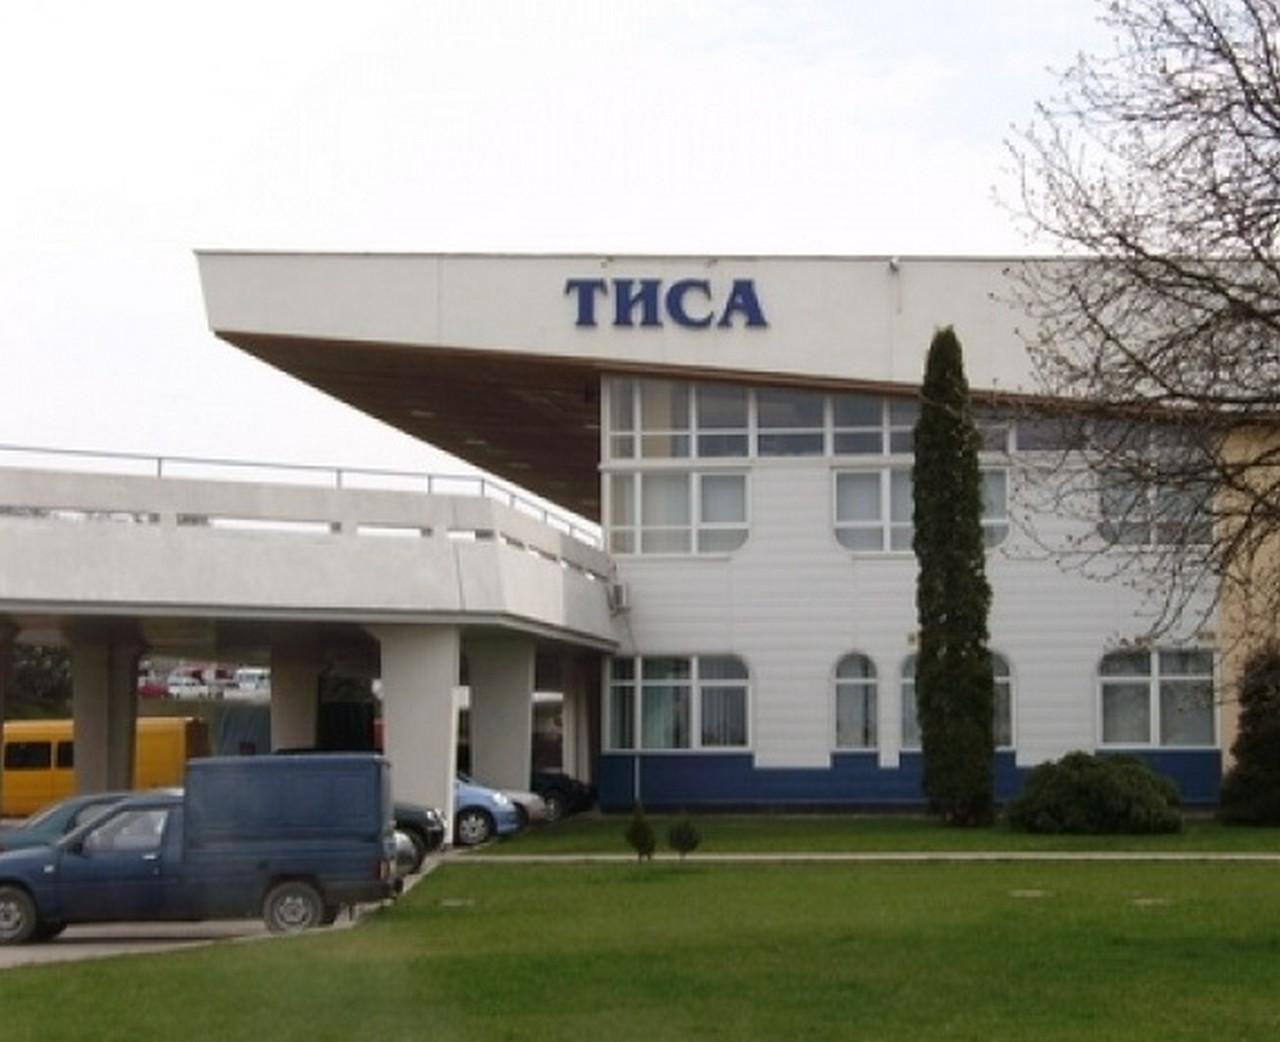 14-річного хлопця із Тернопільщини намагався незаконно вивезти через КПП Тиса до Італії 38-річний чоловік